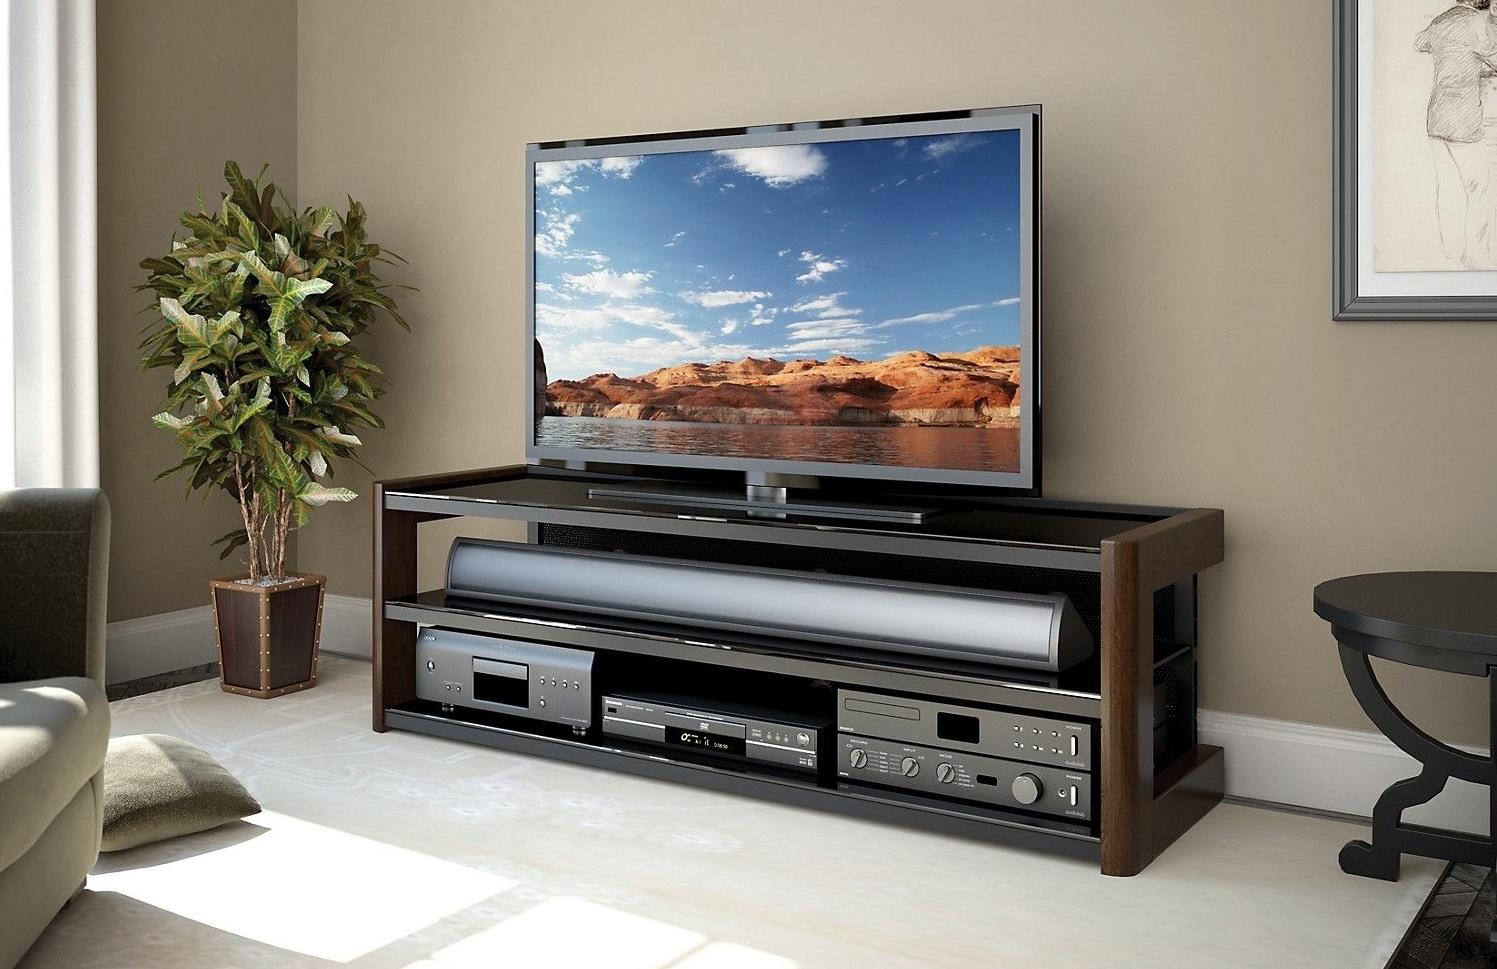 Top 10 Brands to Buy TV Stands Online & Instore